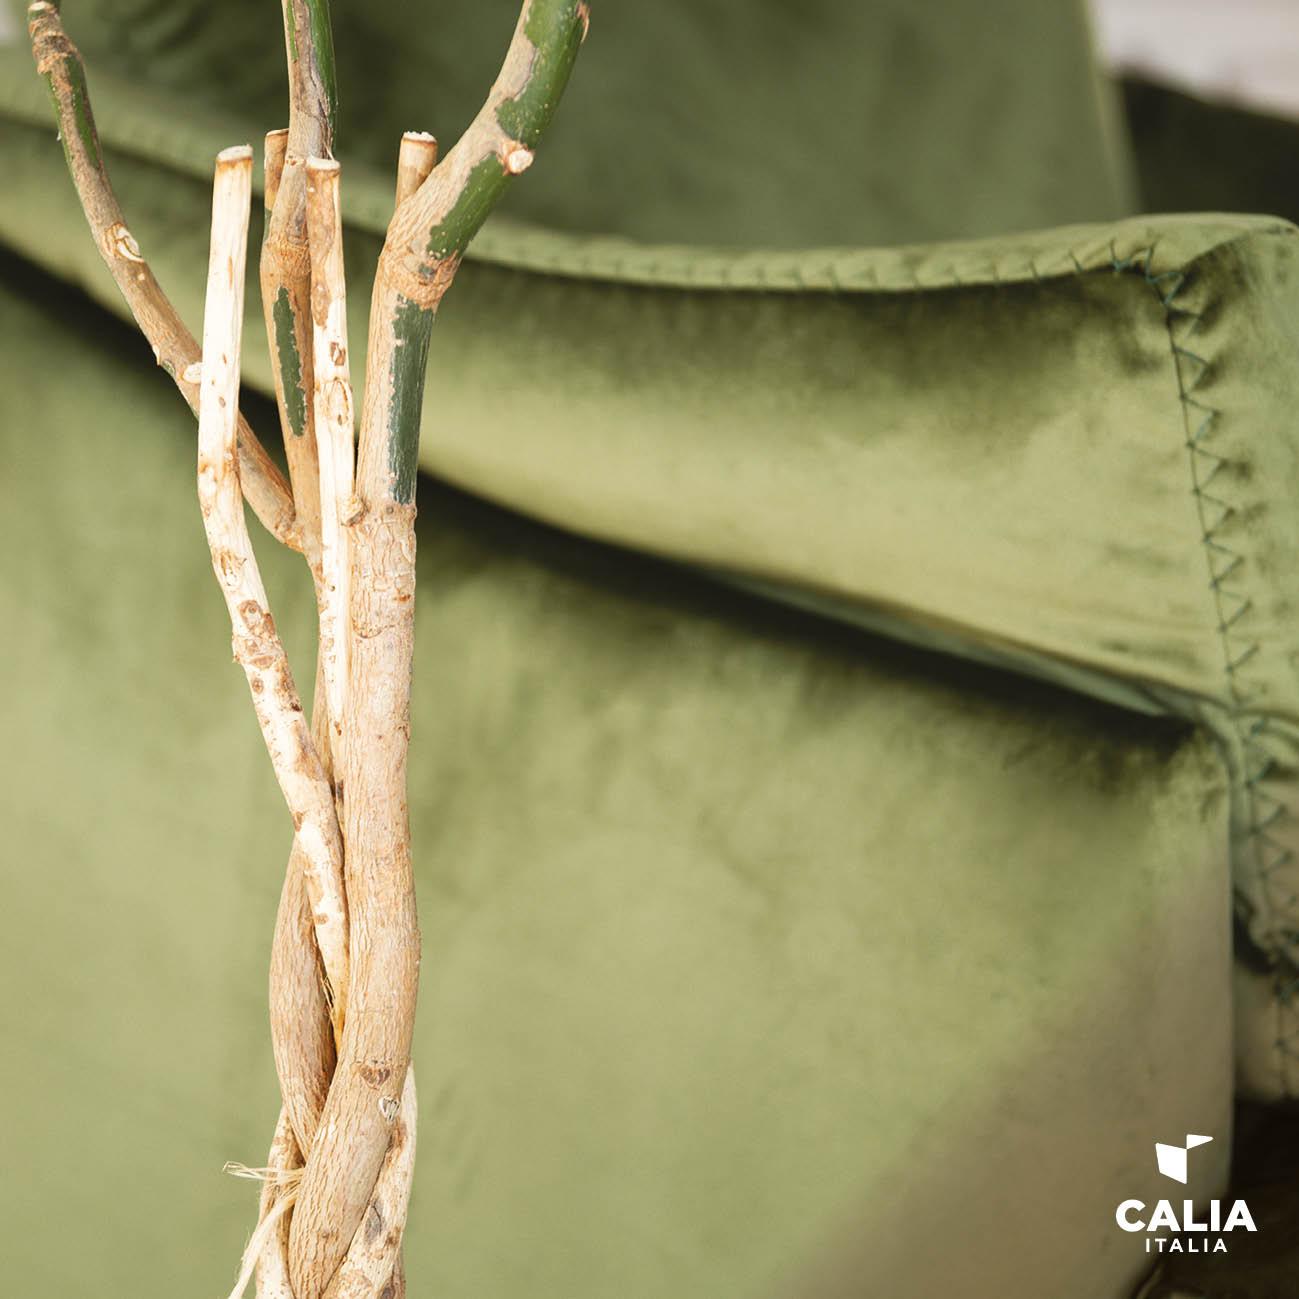 Caliaitalia - Fleur